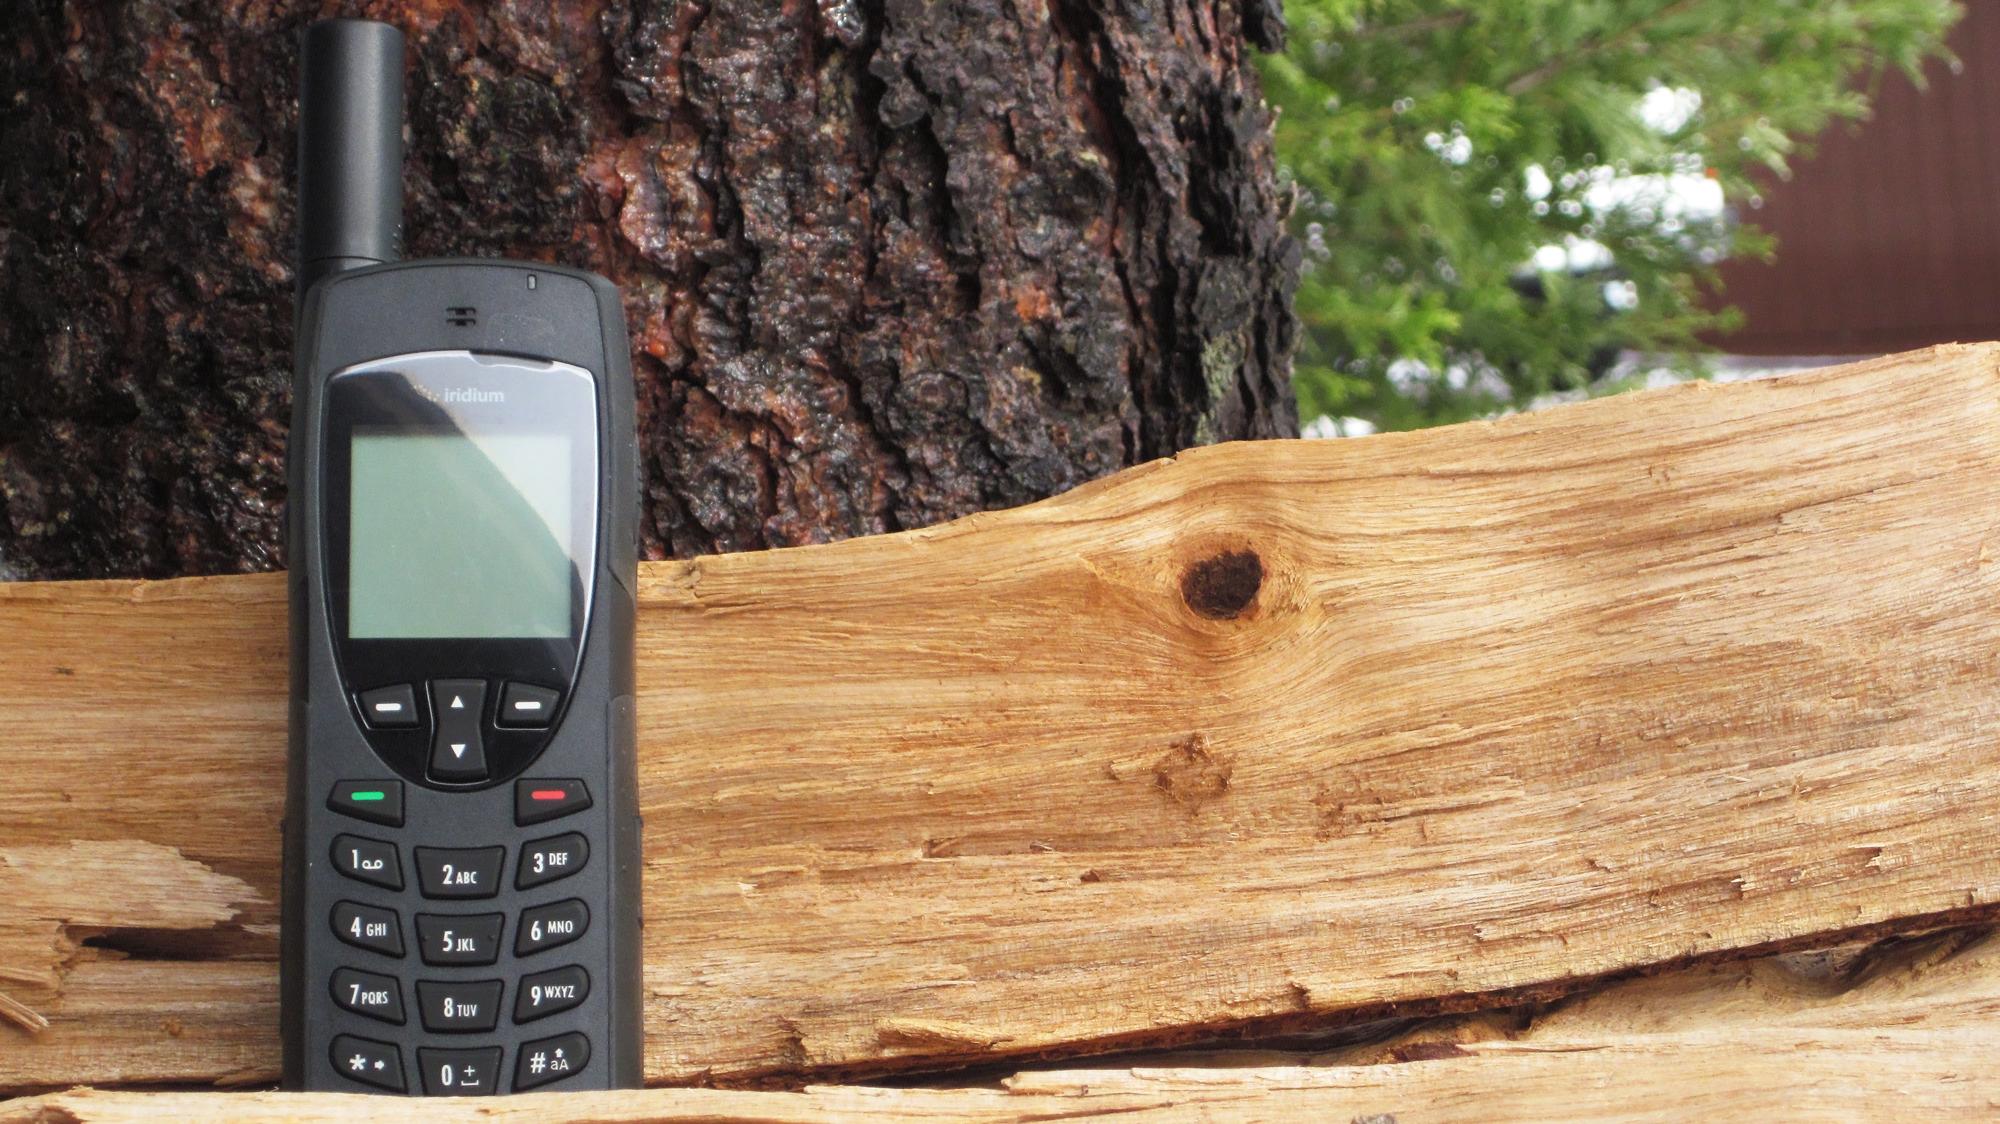 iridium-9555-satellite-phone-sitting-in-the-wilderness.jpg